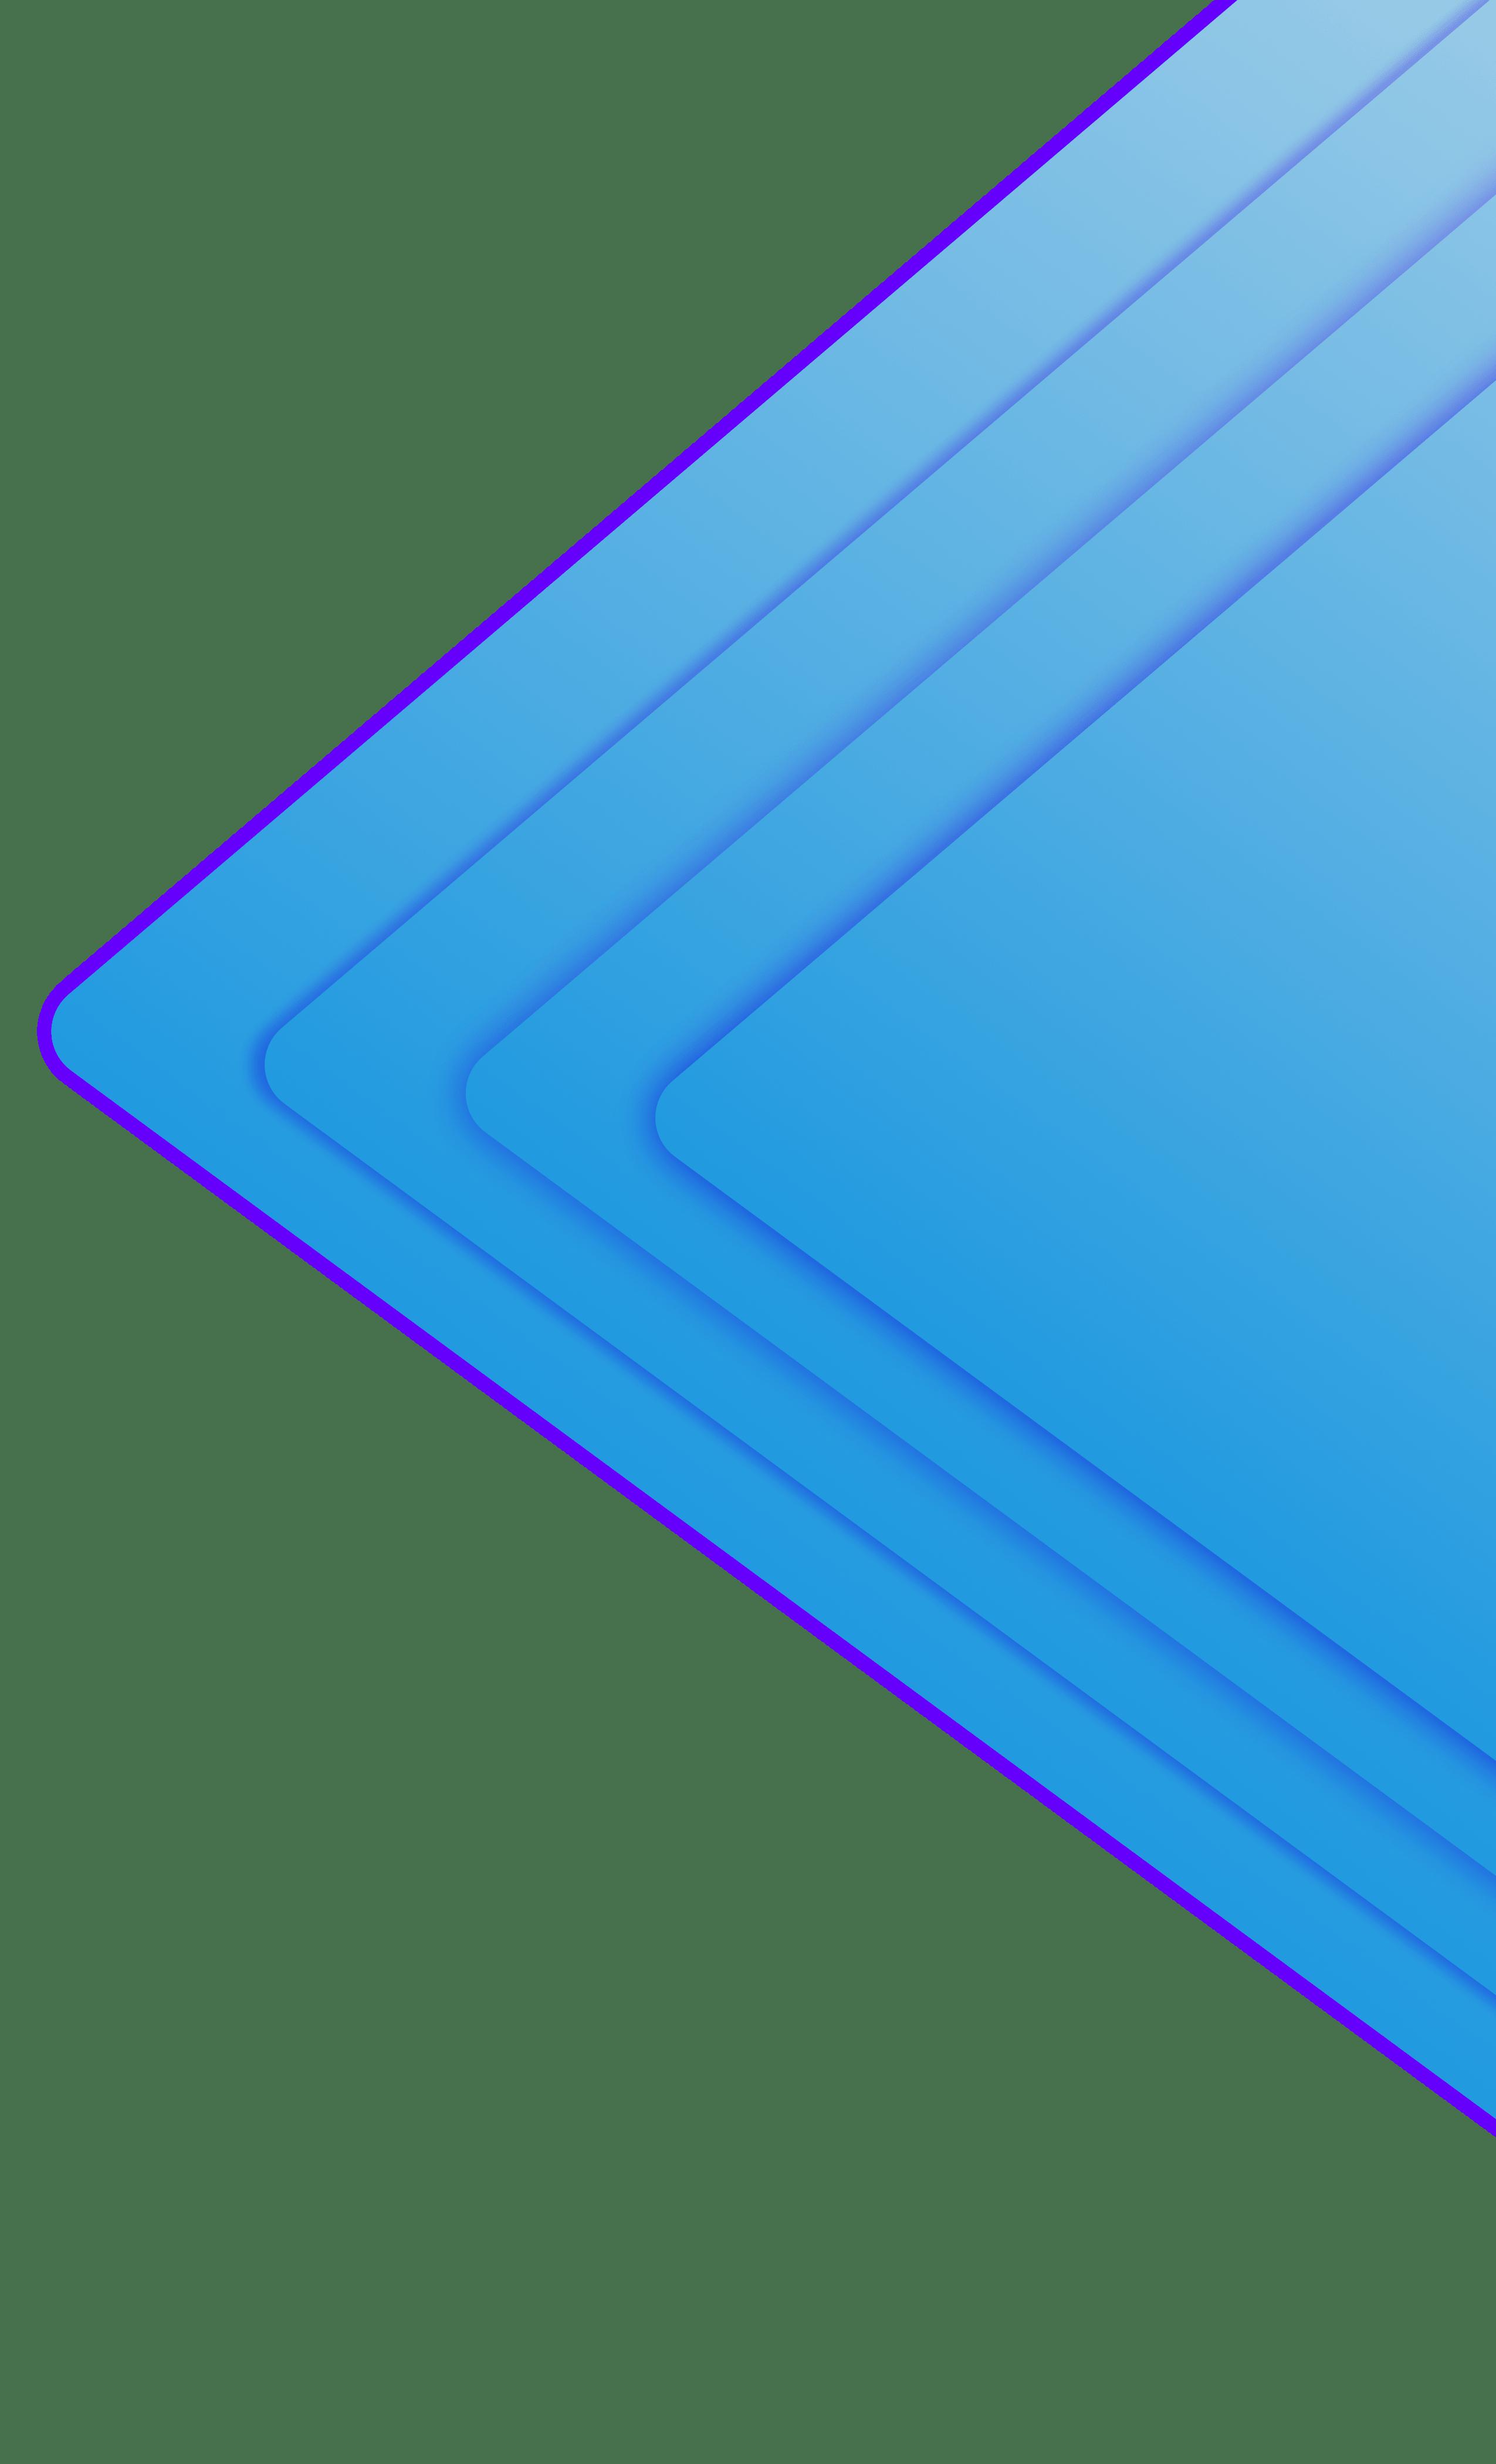 layered shape